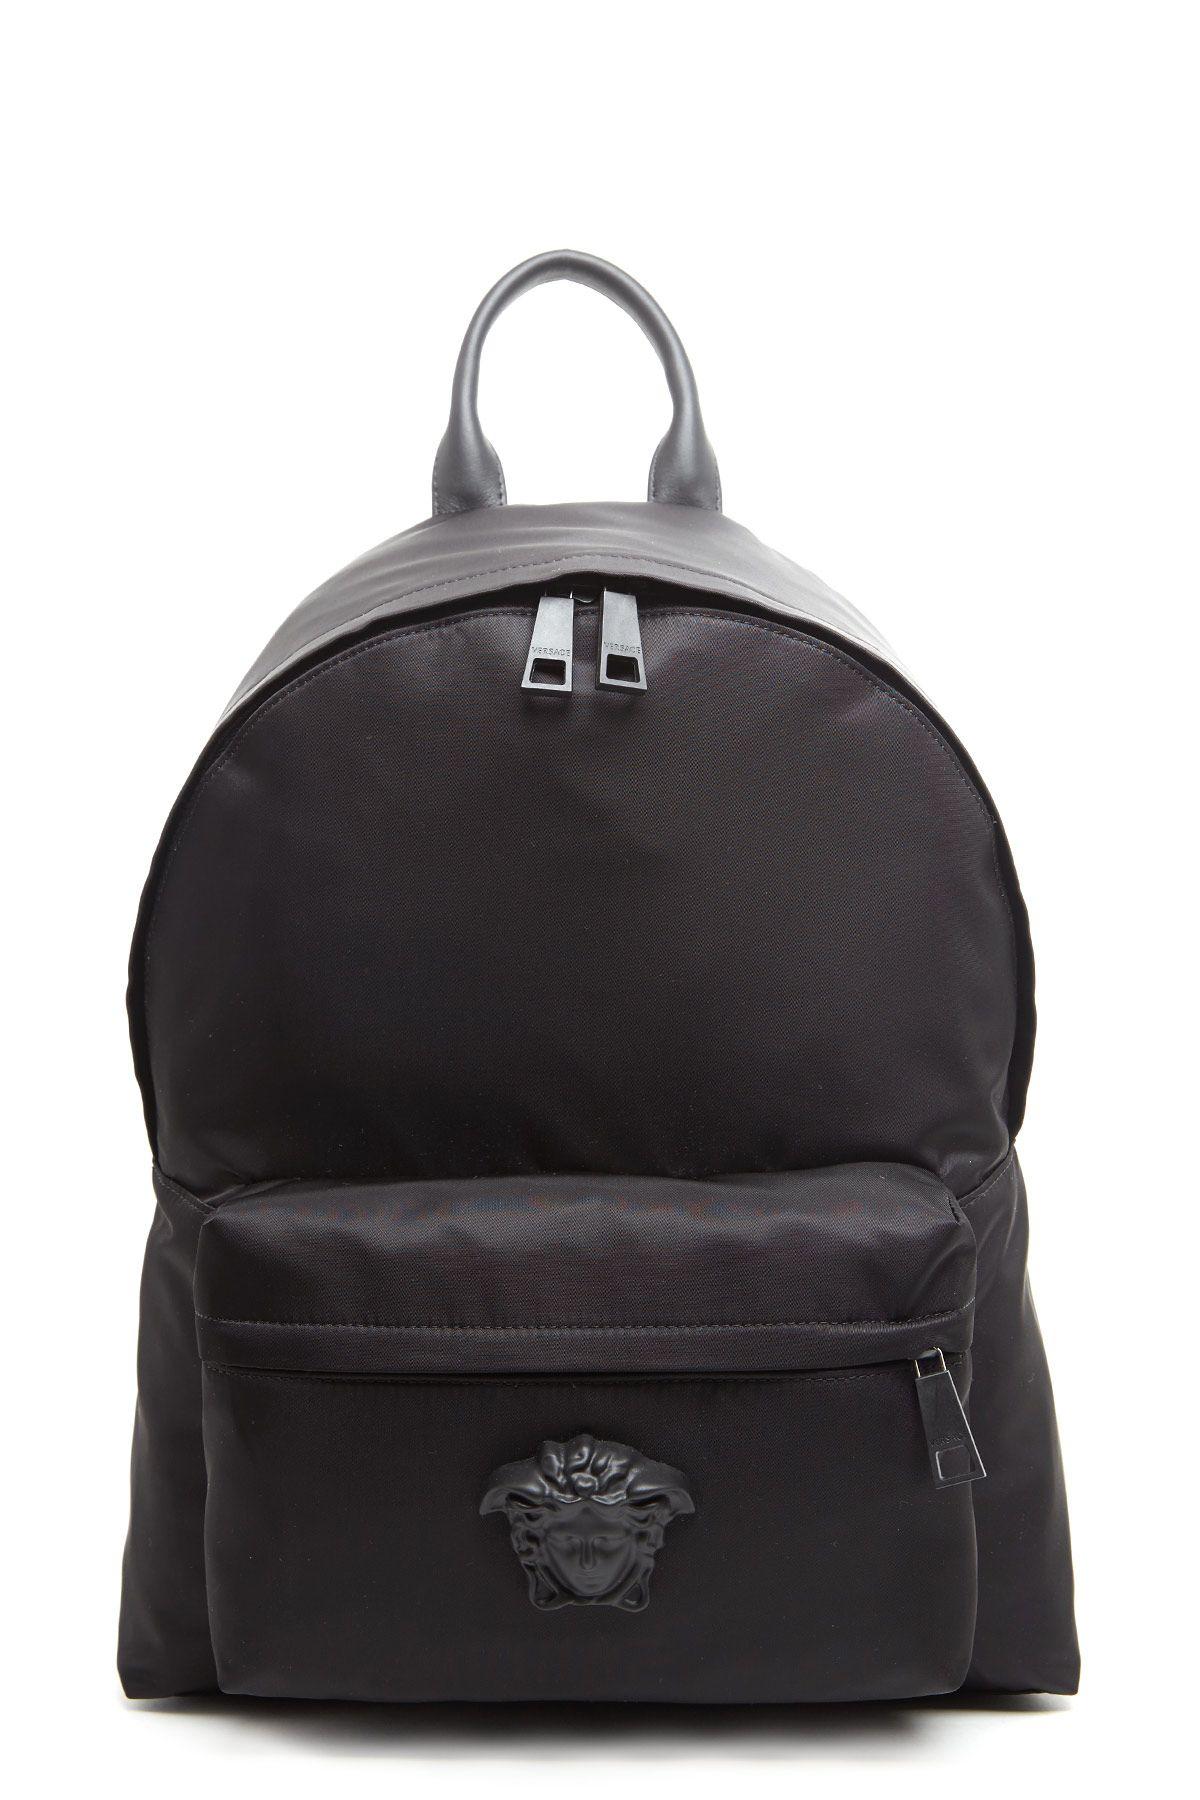 3a5b5b4b893 Versace bag in black modesens jpg 1200x1800 Versace bags